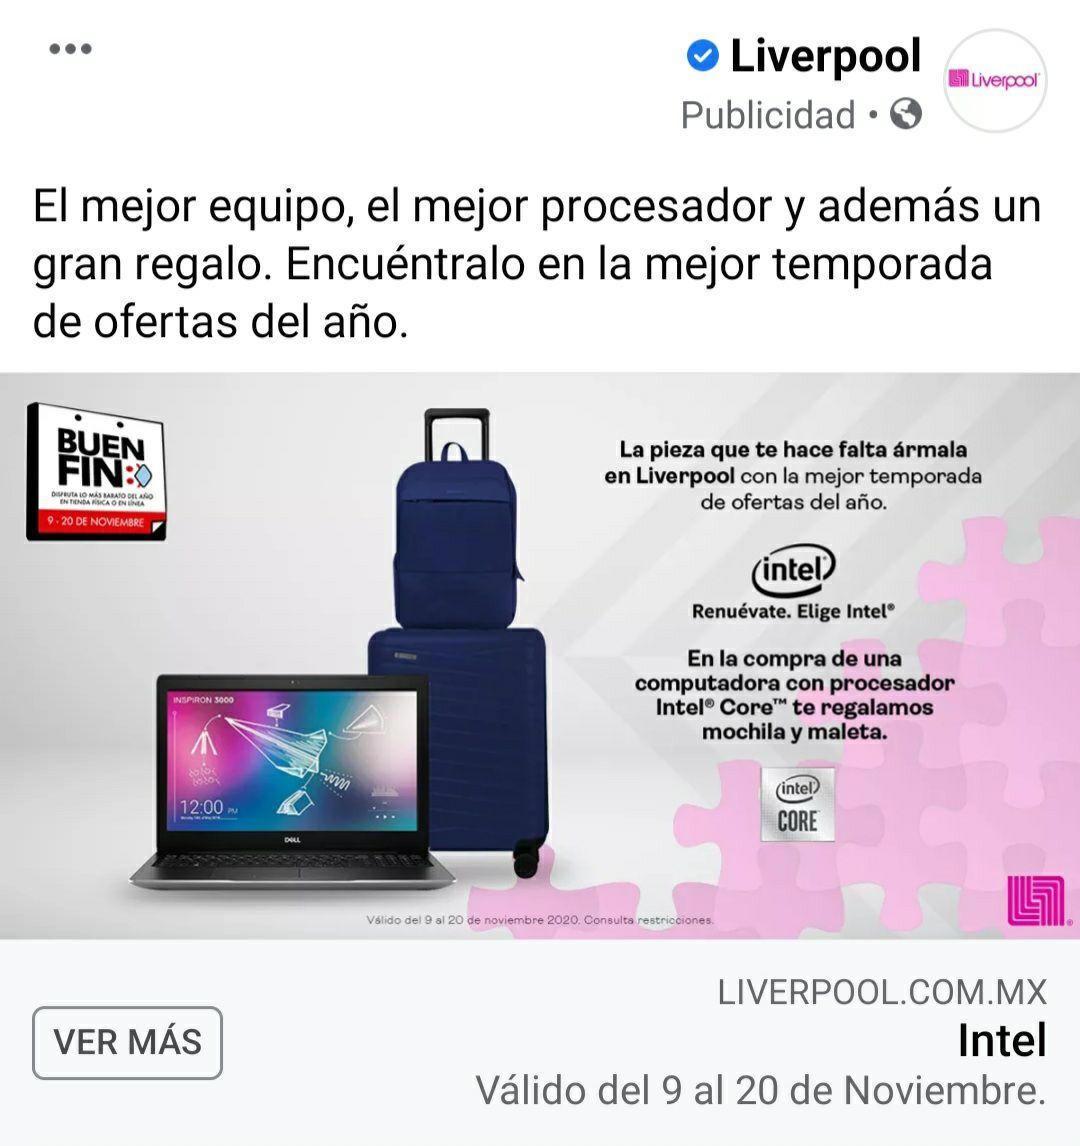 Liverpool: Maleta y mochila gratis al comprar una computadora Intel